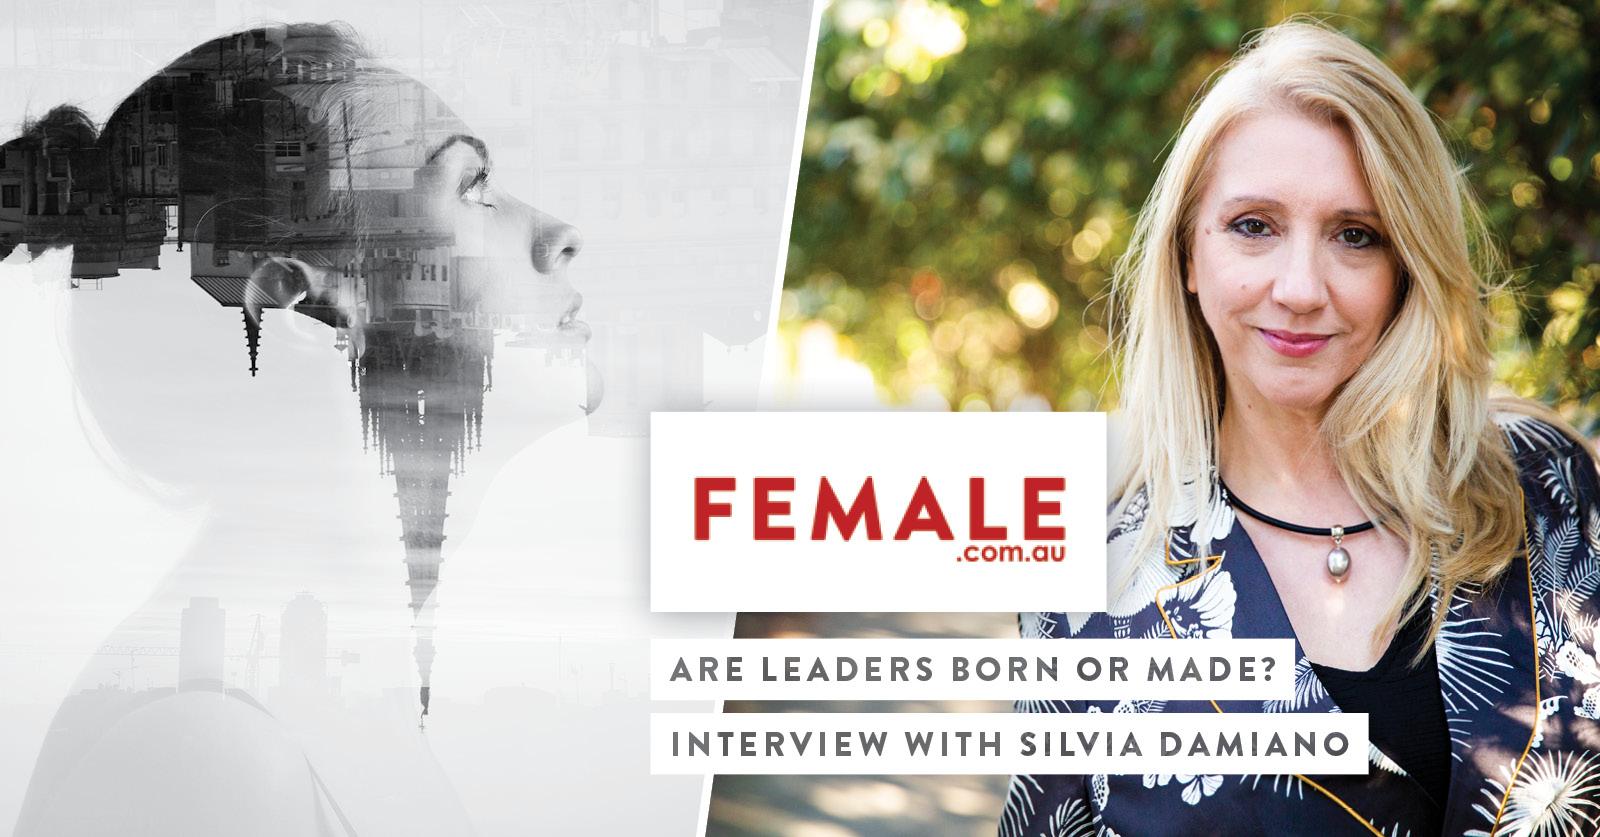 female-com-au-are-leaders-born-or-made